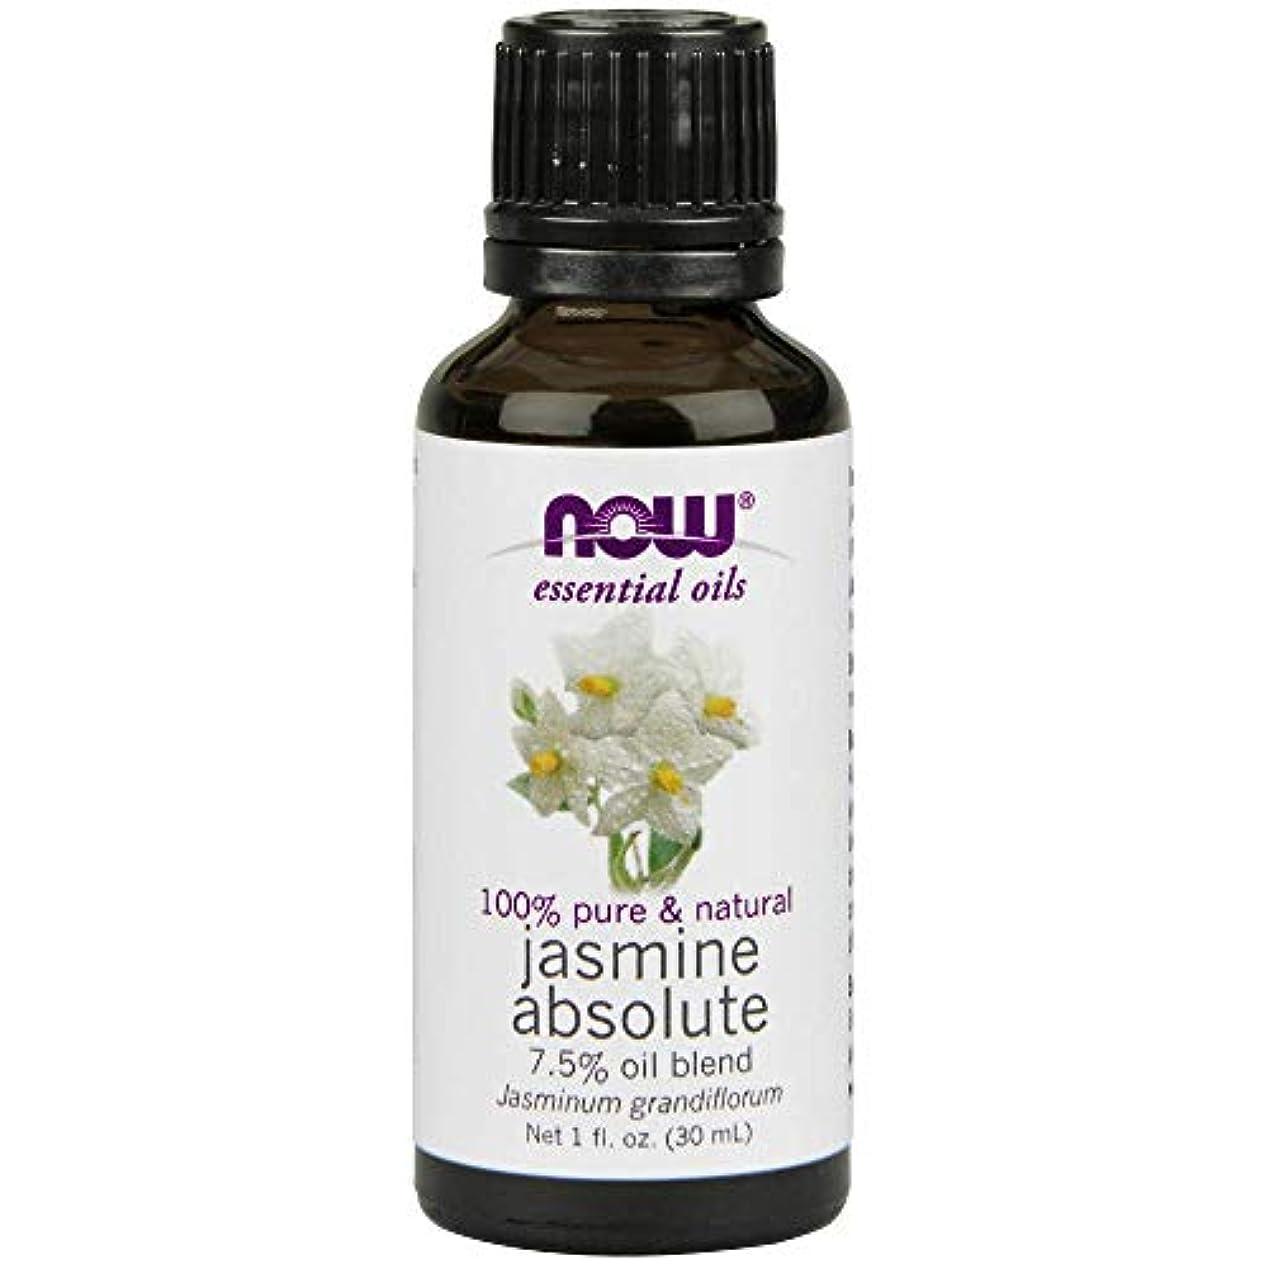 怖がって死ぬスタウト作業Now - Jasmine Absolute Oil 7.5% Oil Blend 1 oz (30 ml) [並行輸入品]